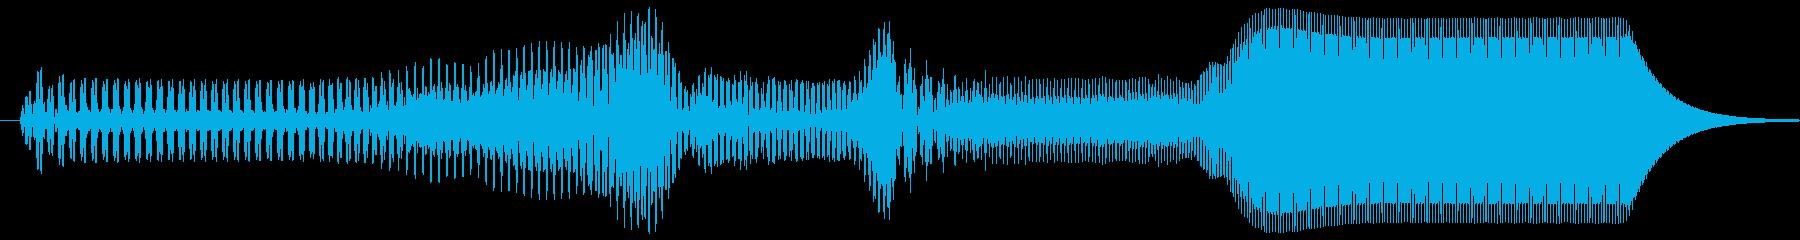 ピュイ。上がる・伸びる音(短)の再生済みの波形